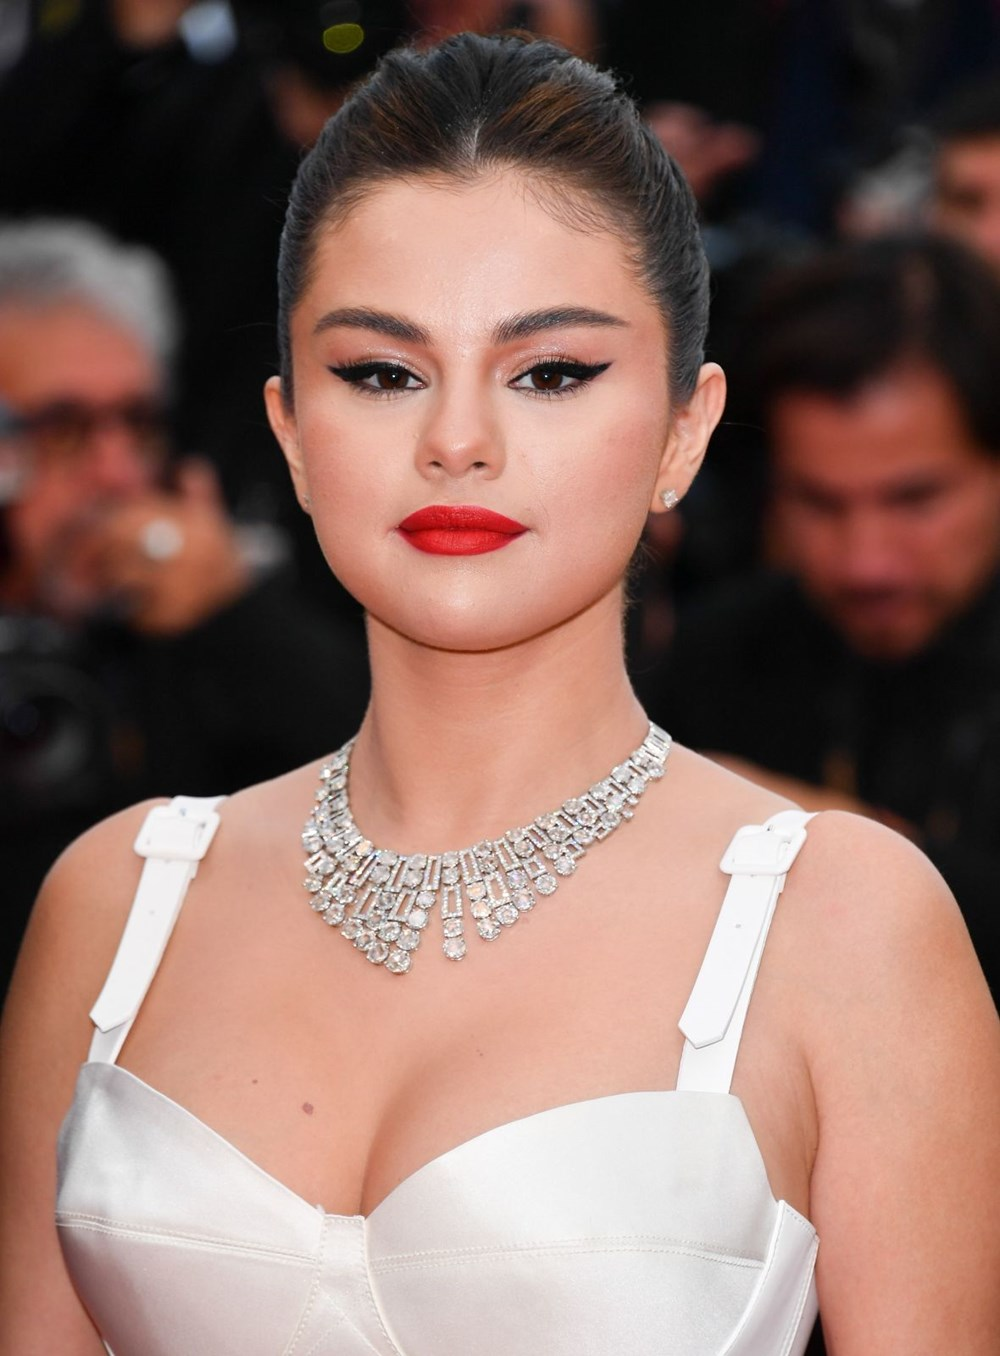 Selena Gomez teknoloji devlerini ABD'deki şiddeti körüklemekle suçladı: Bu işin büyümesini durdurun!